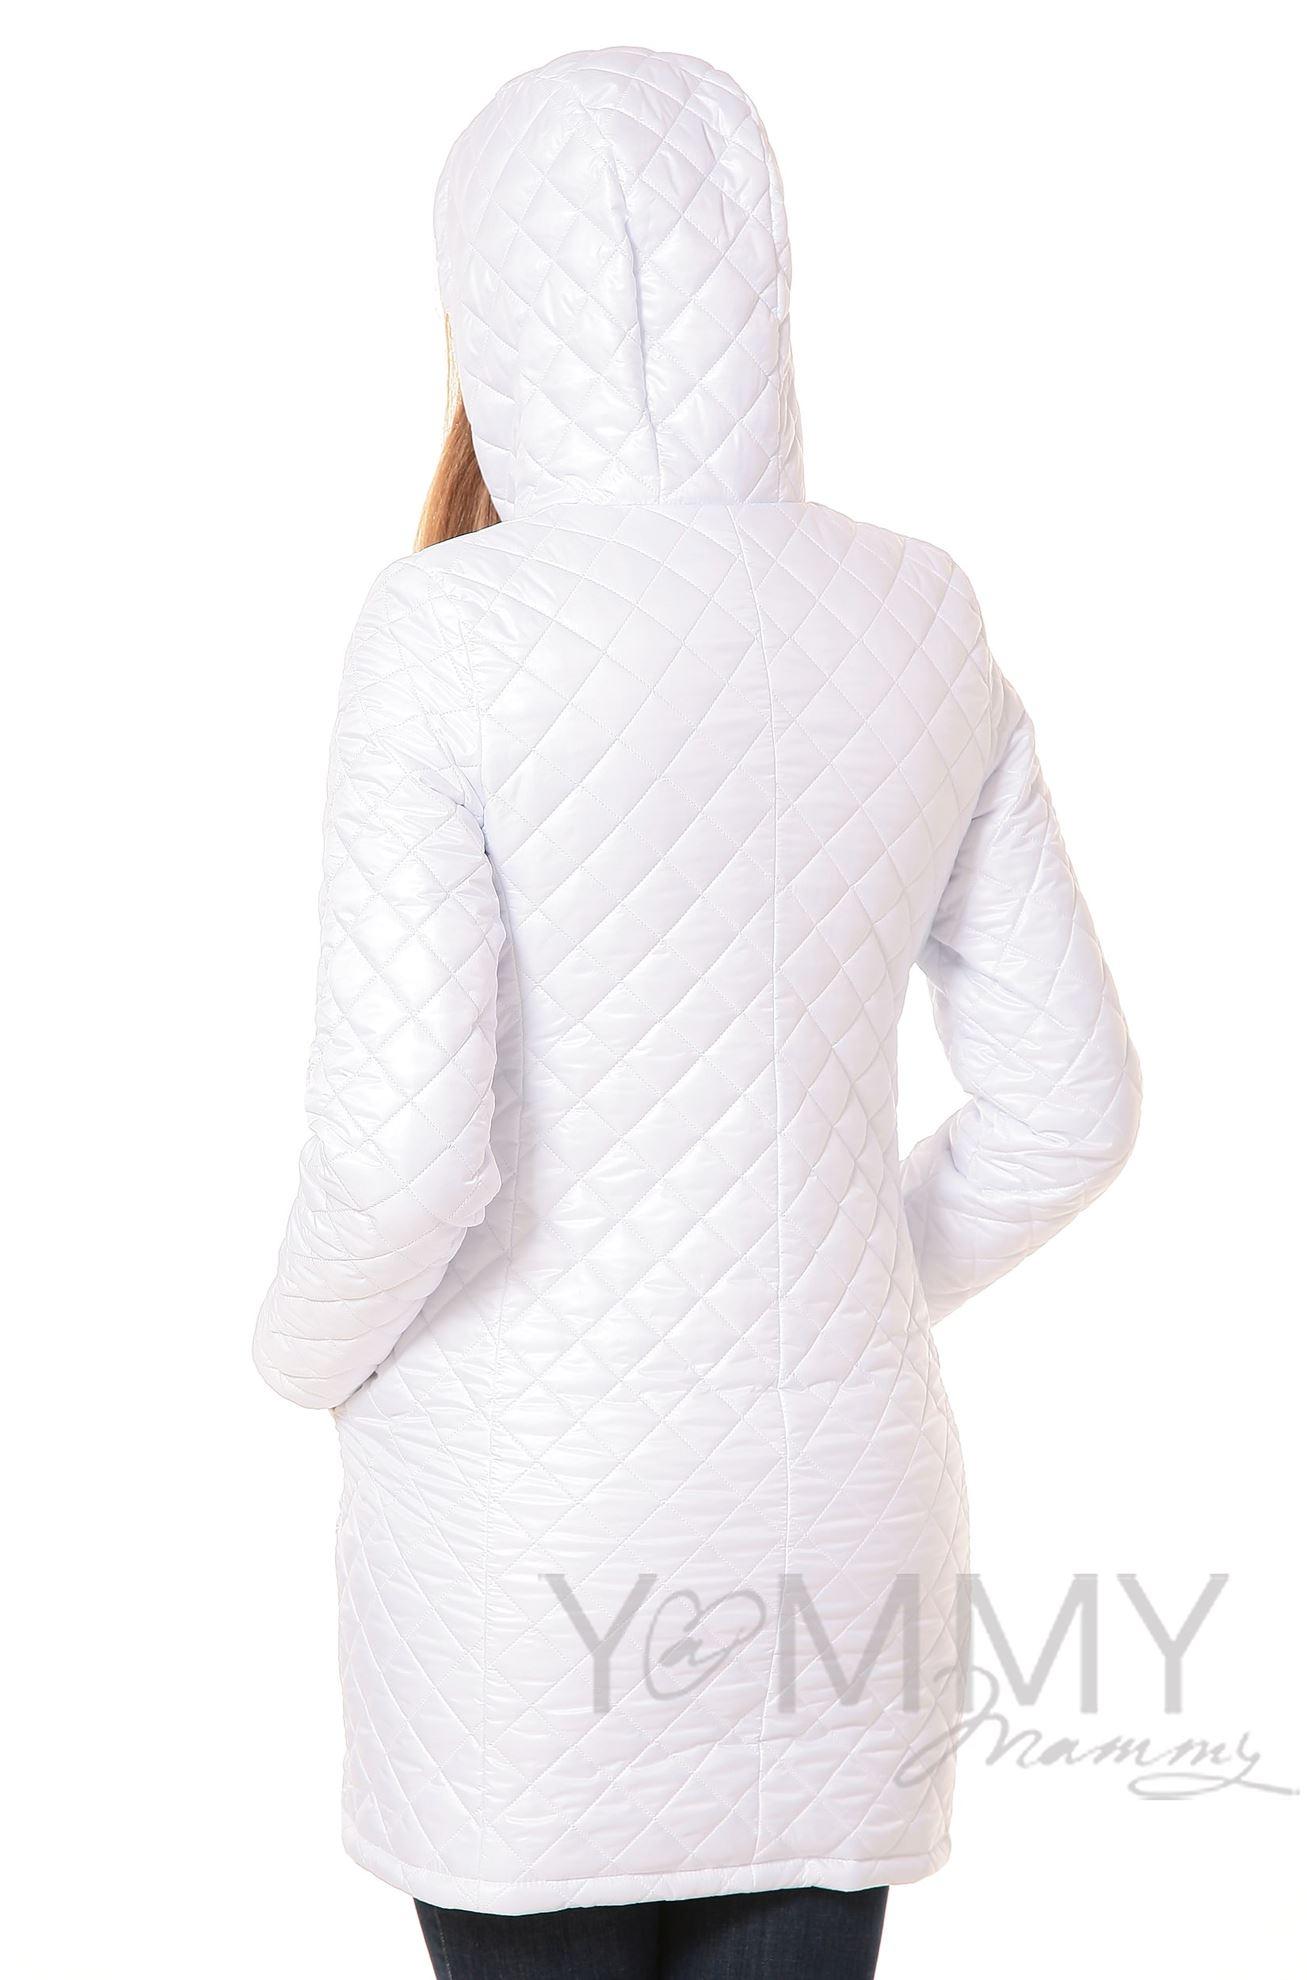 Изображение                               Куртка 3 в 1 стеганная белая